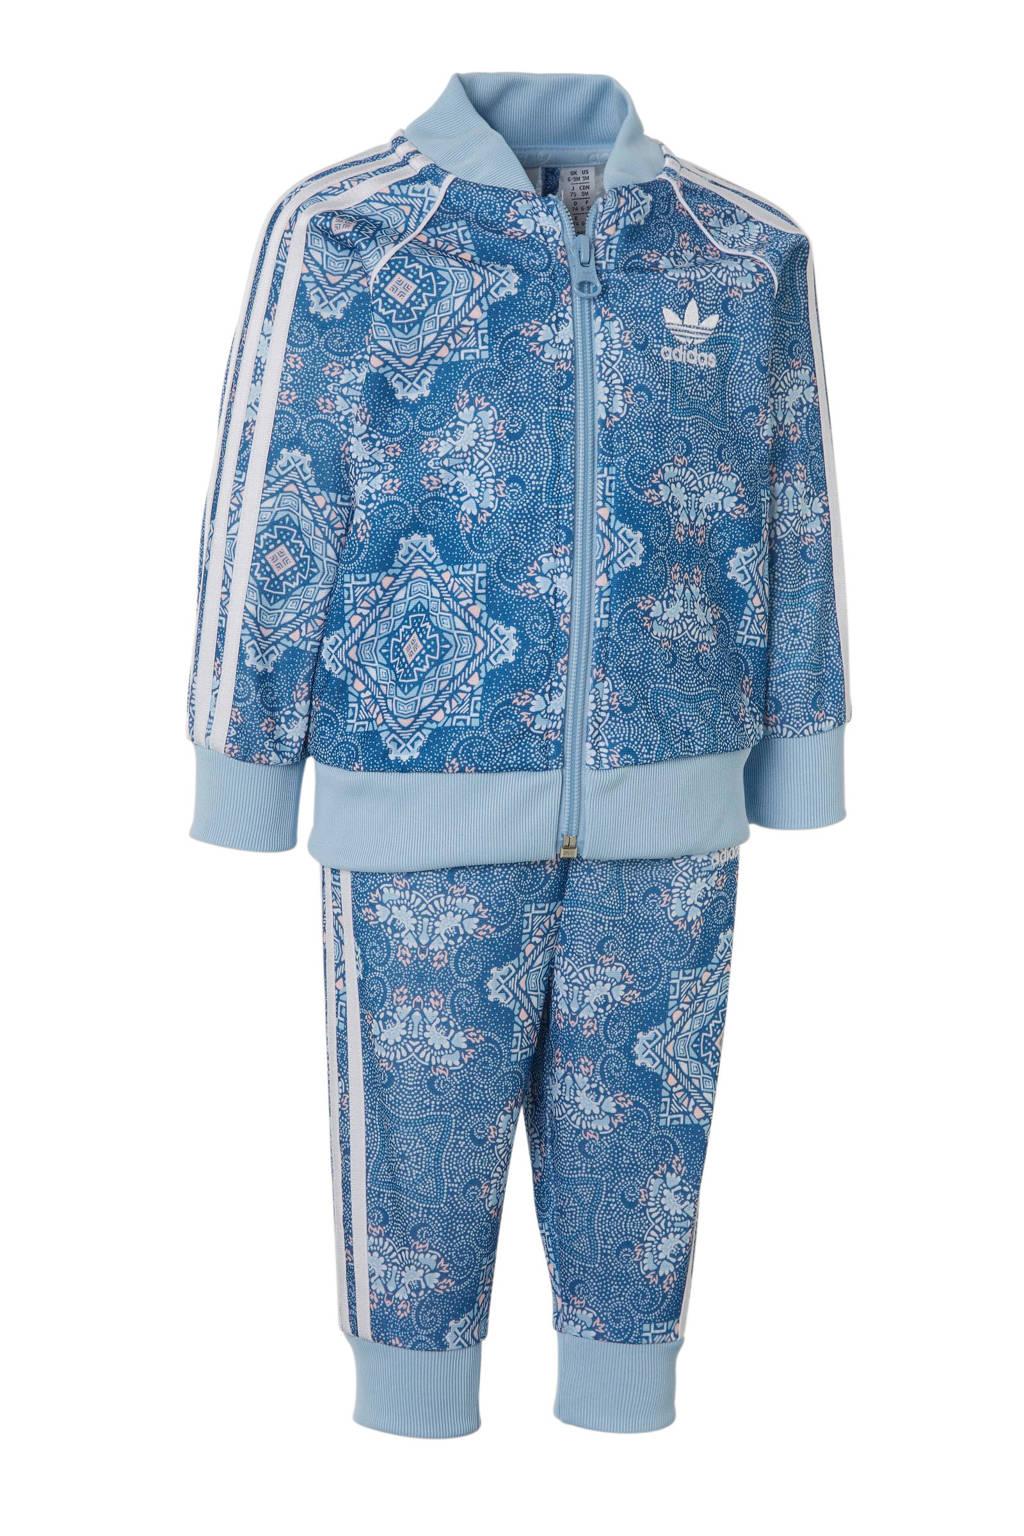 adidas originals joggingpak, Blauw/wit